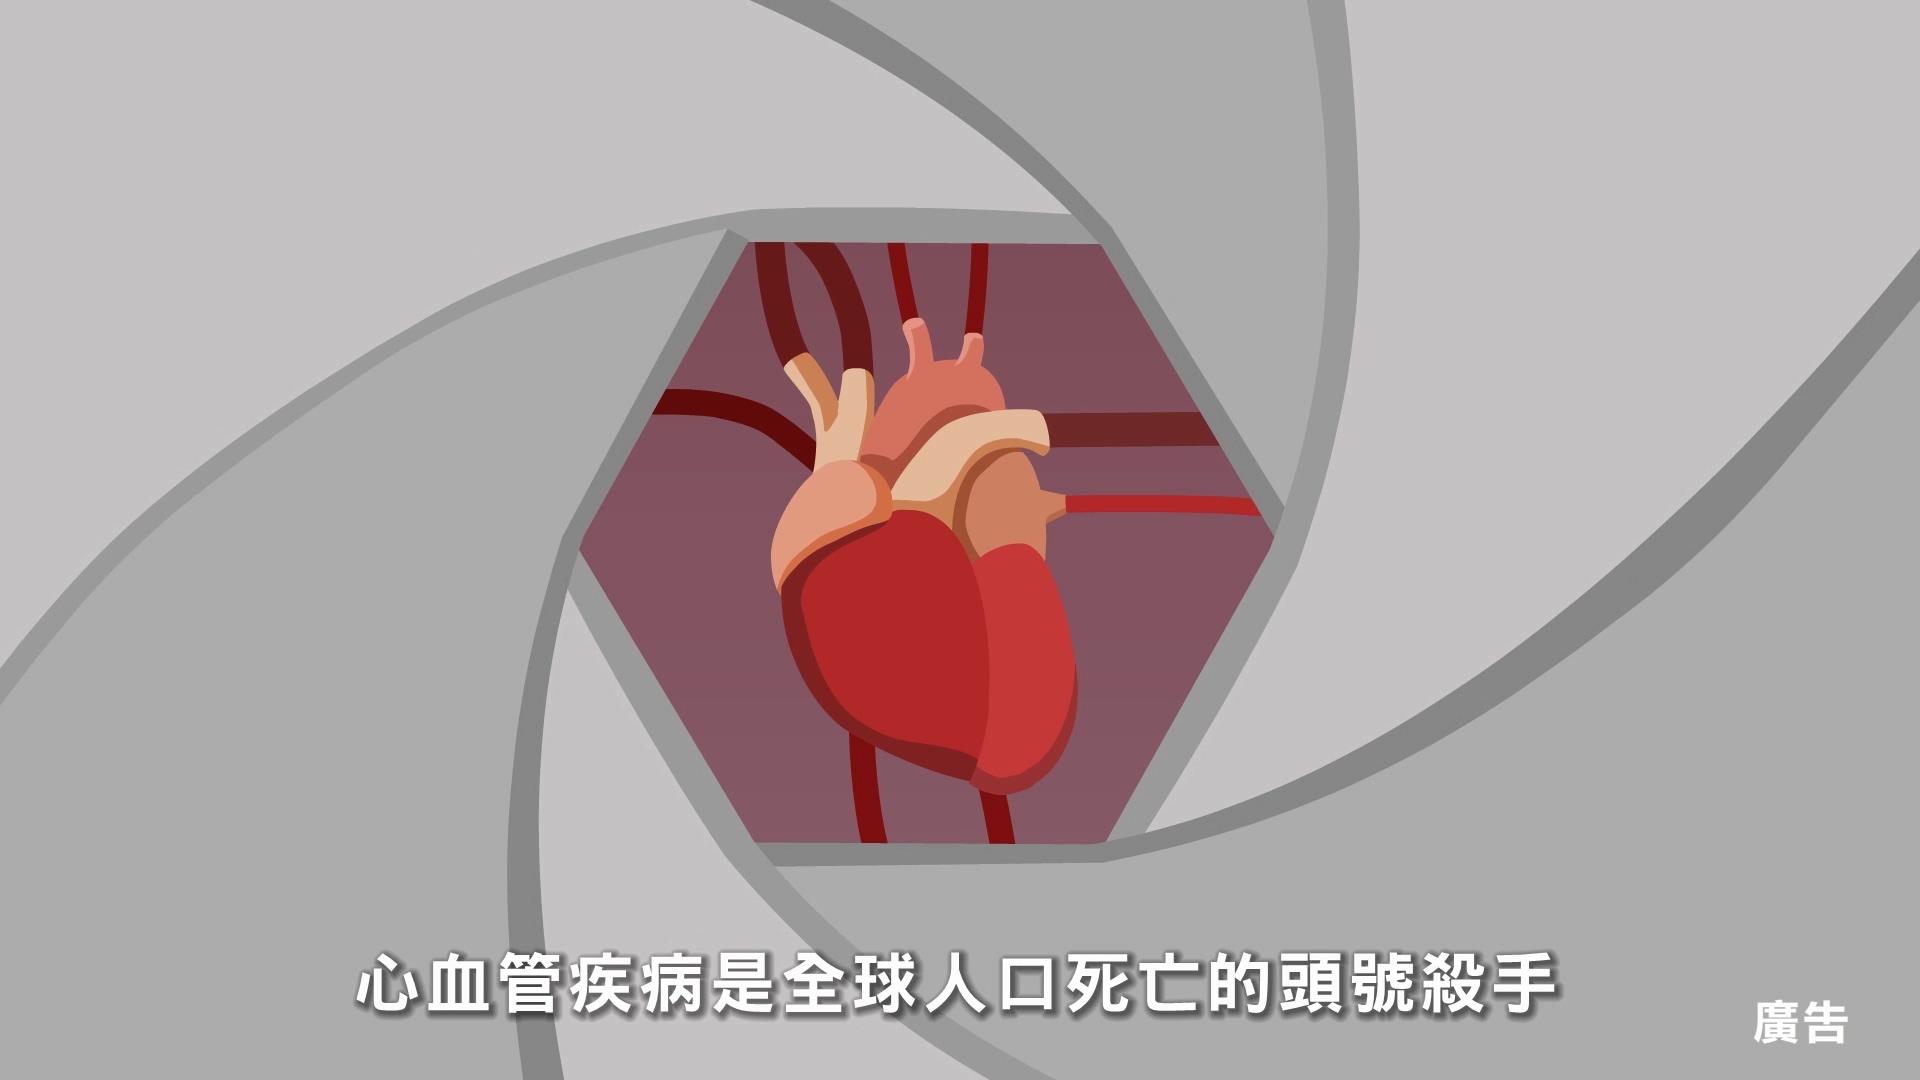 預防心血管疾病 危險因子篇 30秒短片 (客語版)